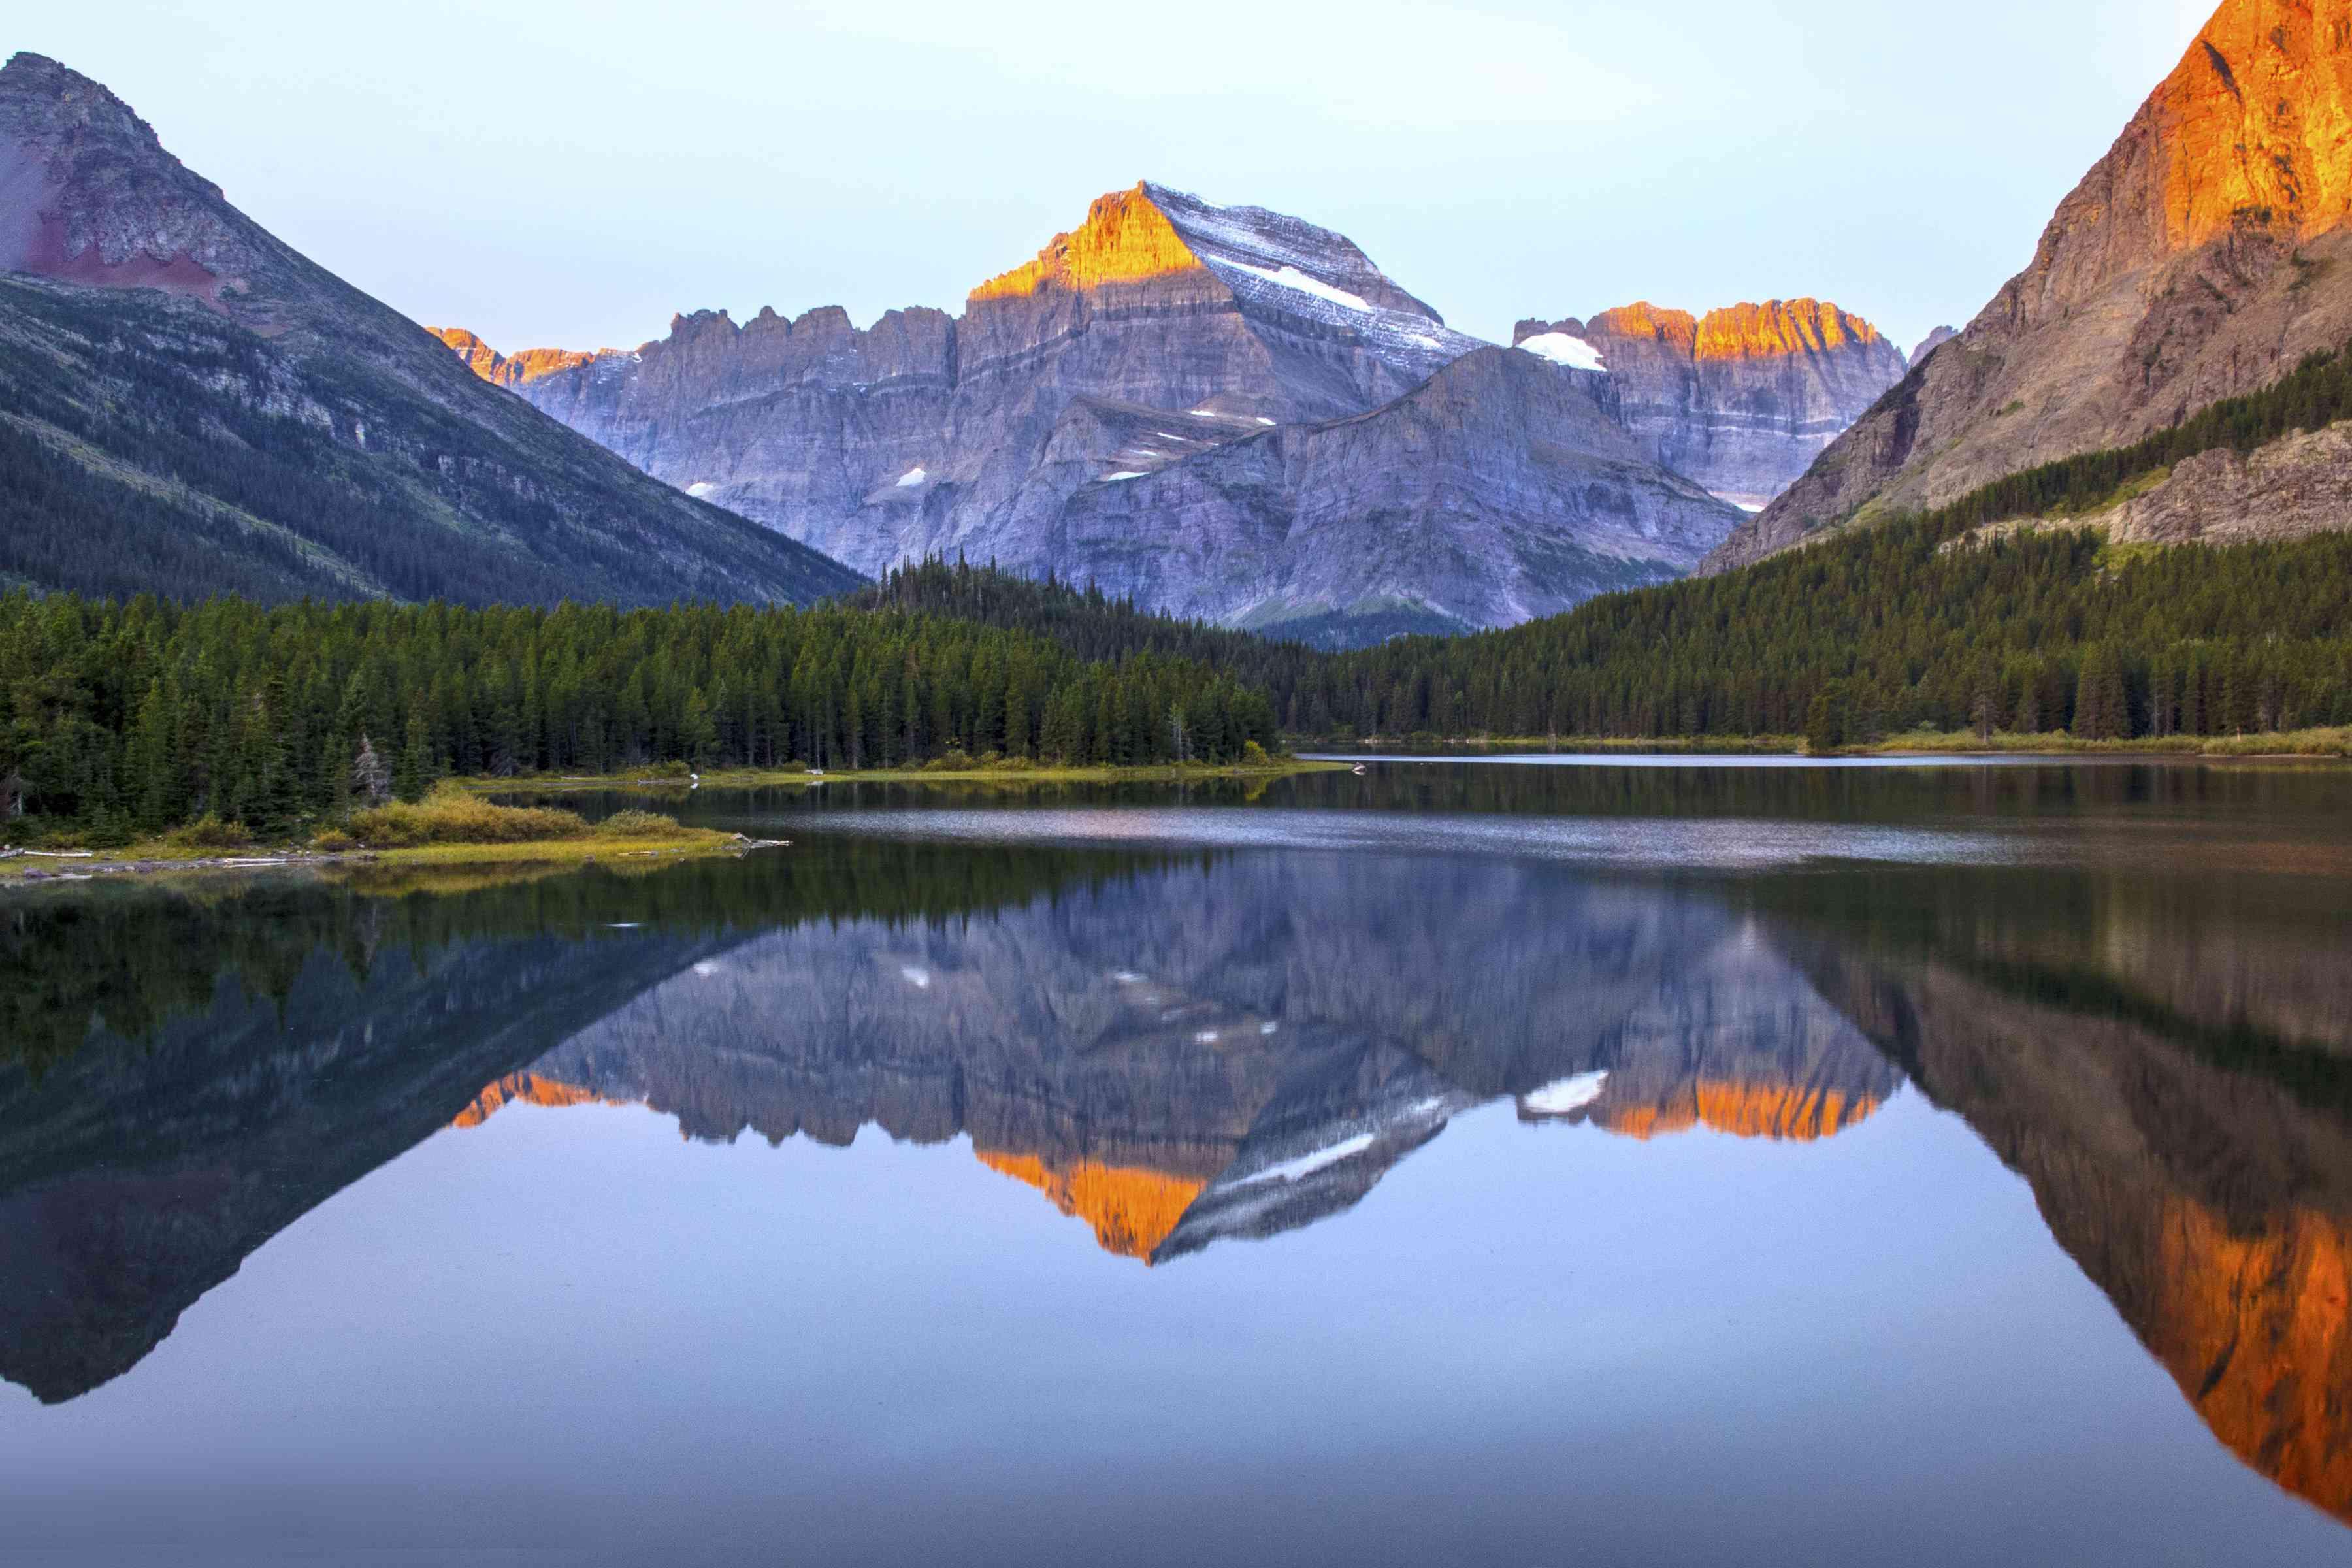 reflecting at sunrise